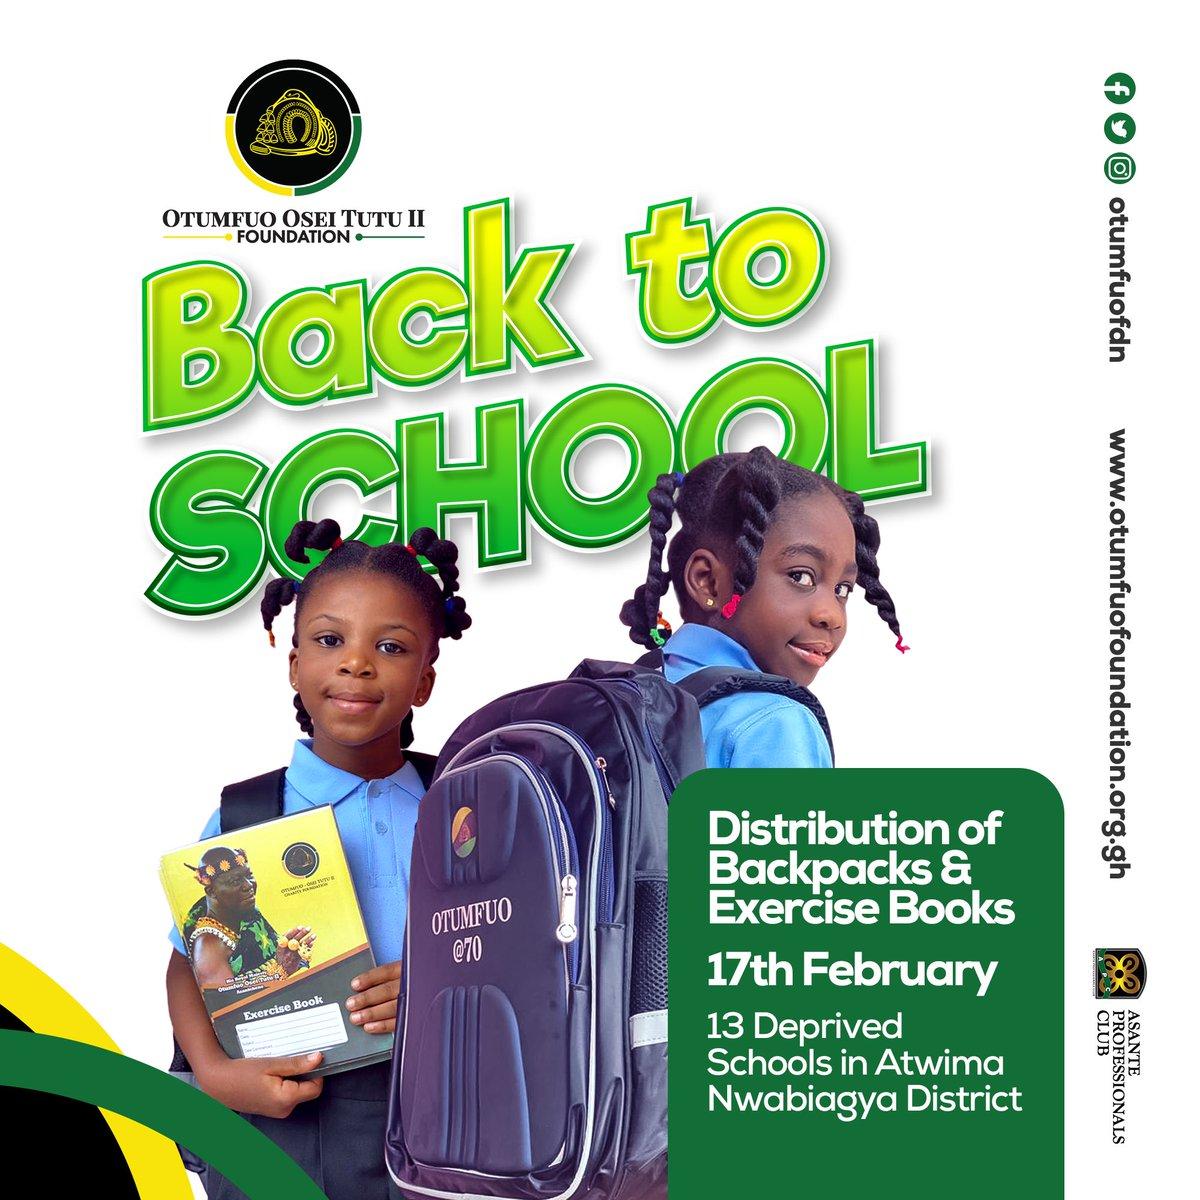 """Ashanti Kingdom: ManhyiaPalace """"Otumfuo Charity Foundation is set to distribute backpacks and exercise books to schools under the Back to School program. @AsanteProfsClub """" #Exploregh #Ashanti #Kumasi #VisitKumasi"""